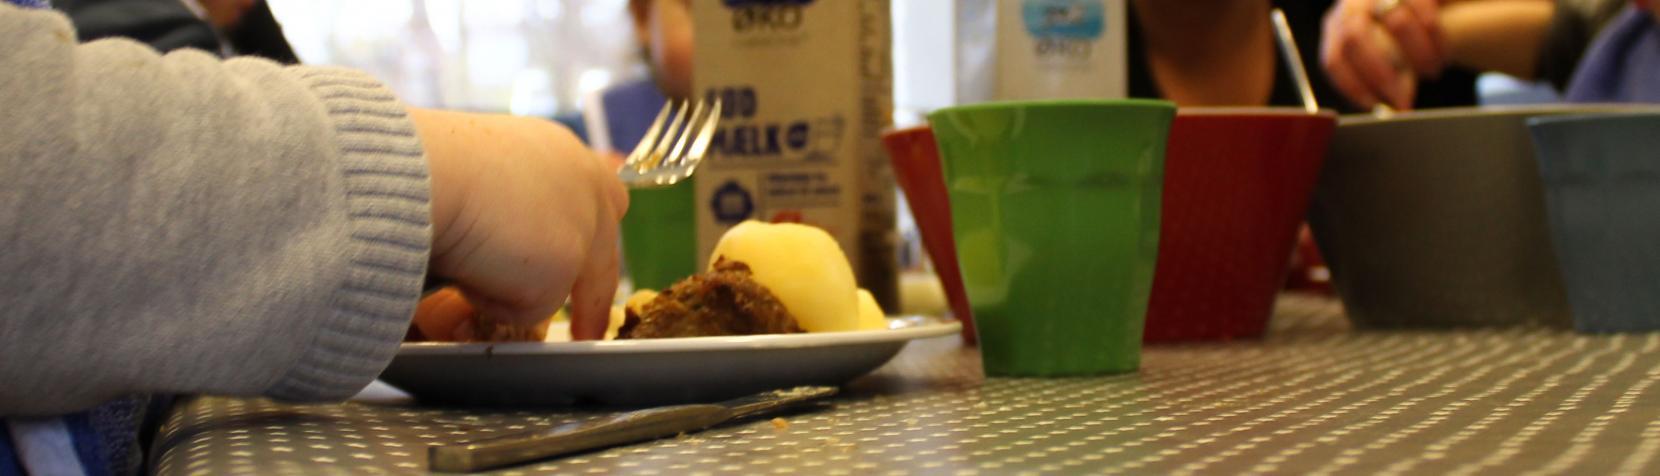 Frokost i Egebakken